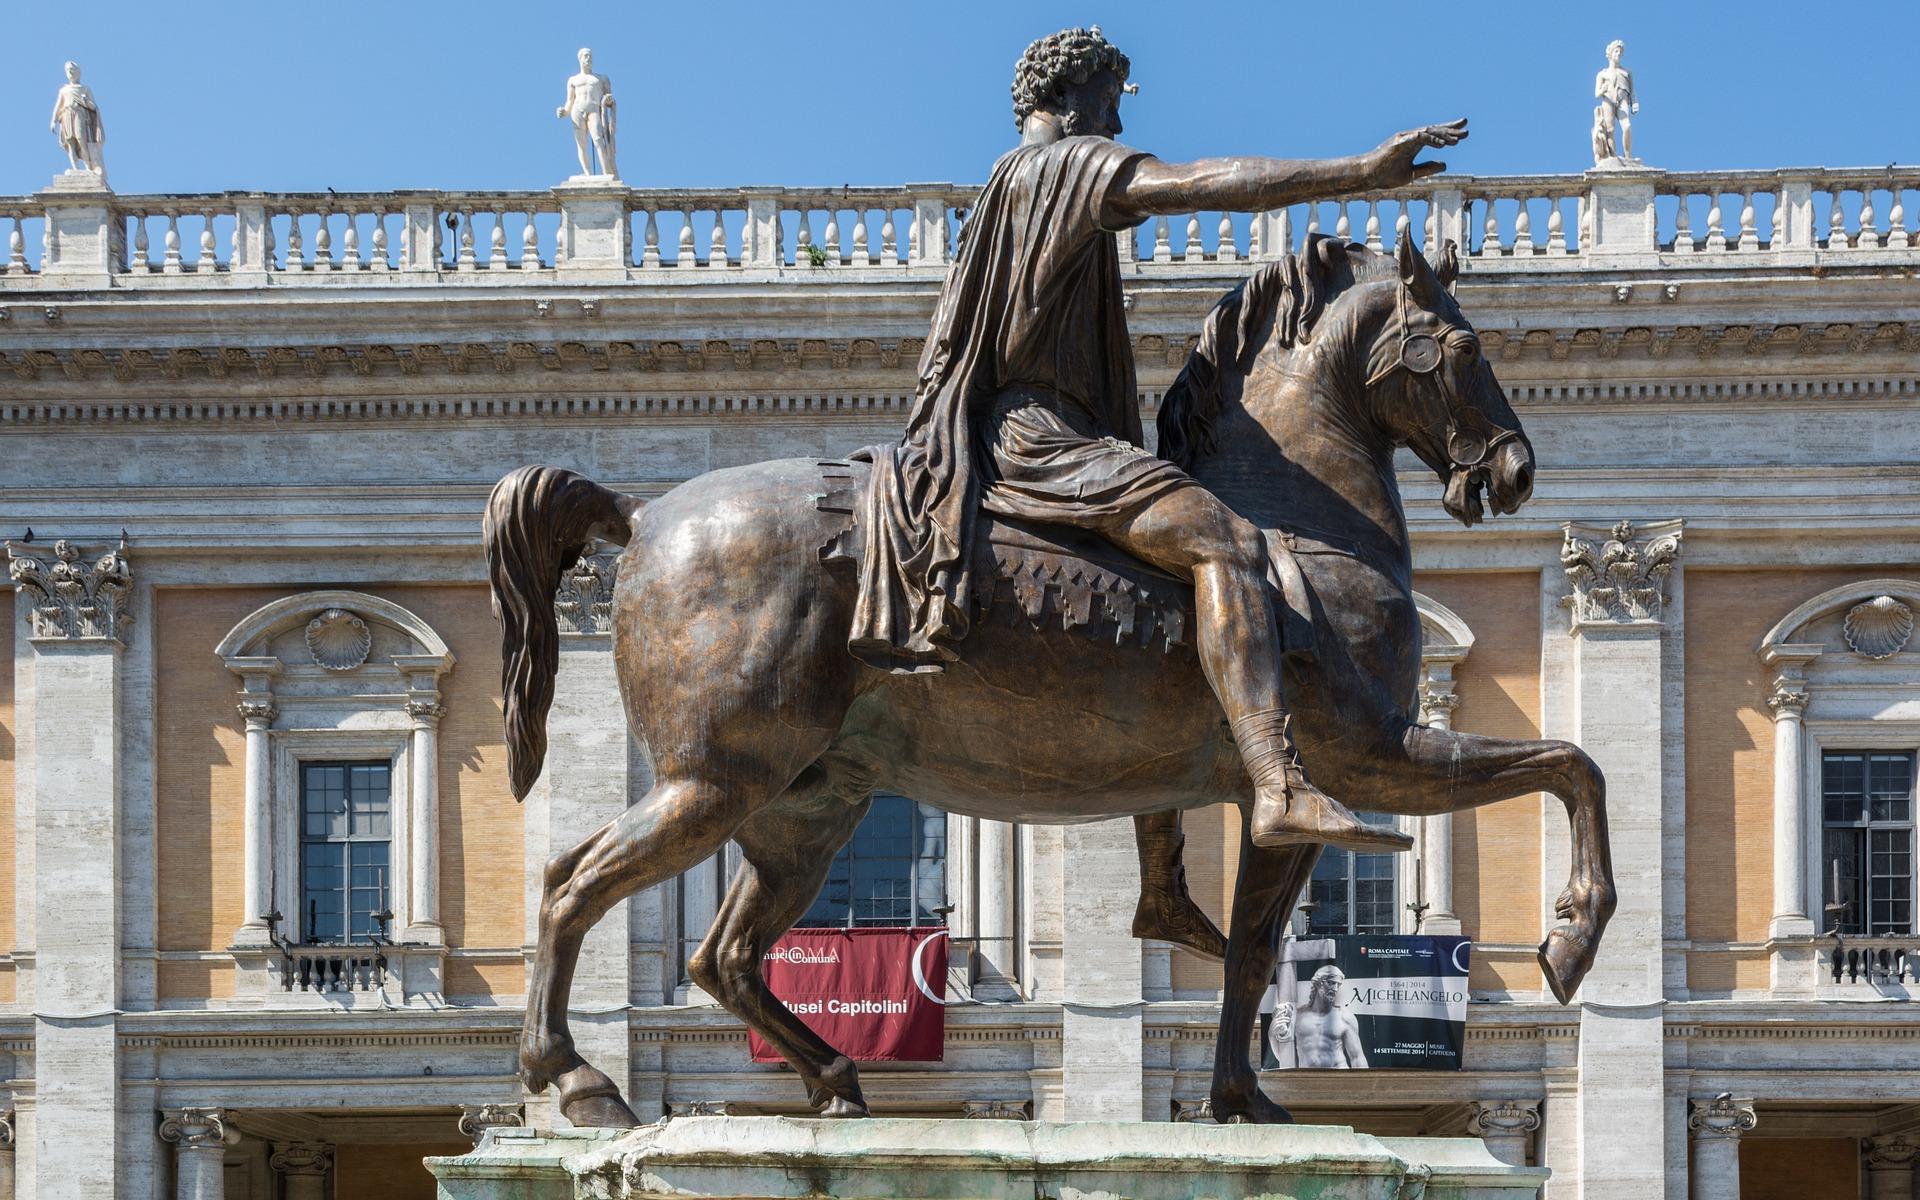 Comunali Roma 2021: scelto Michetti. Chi è il candidato del centrodestra?